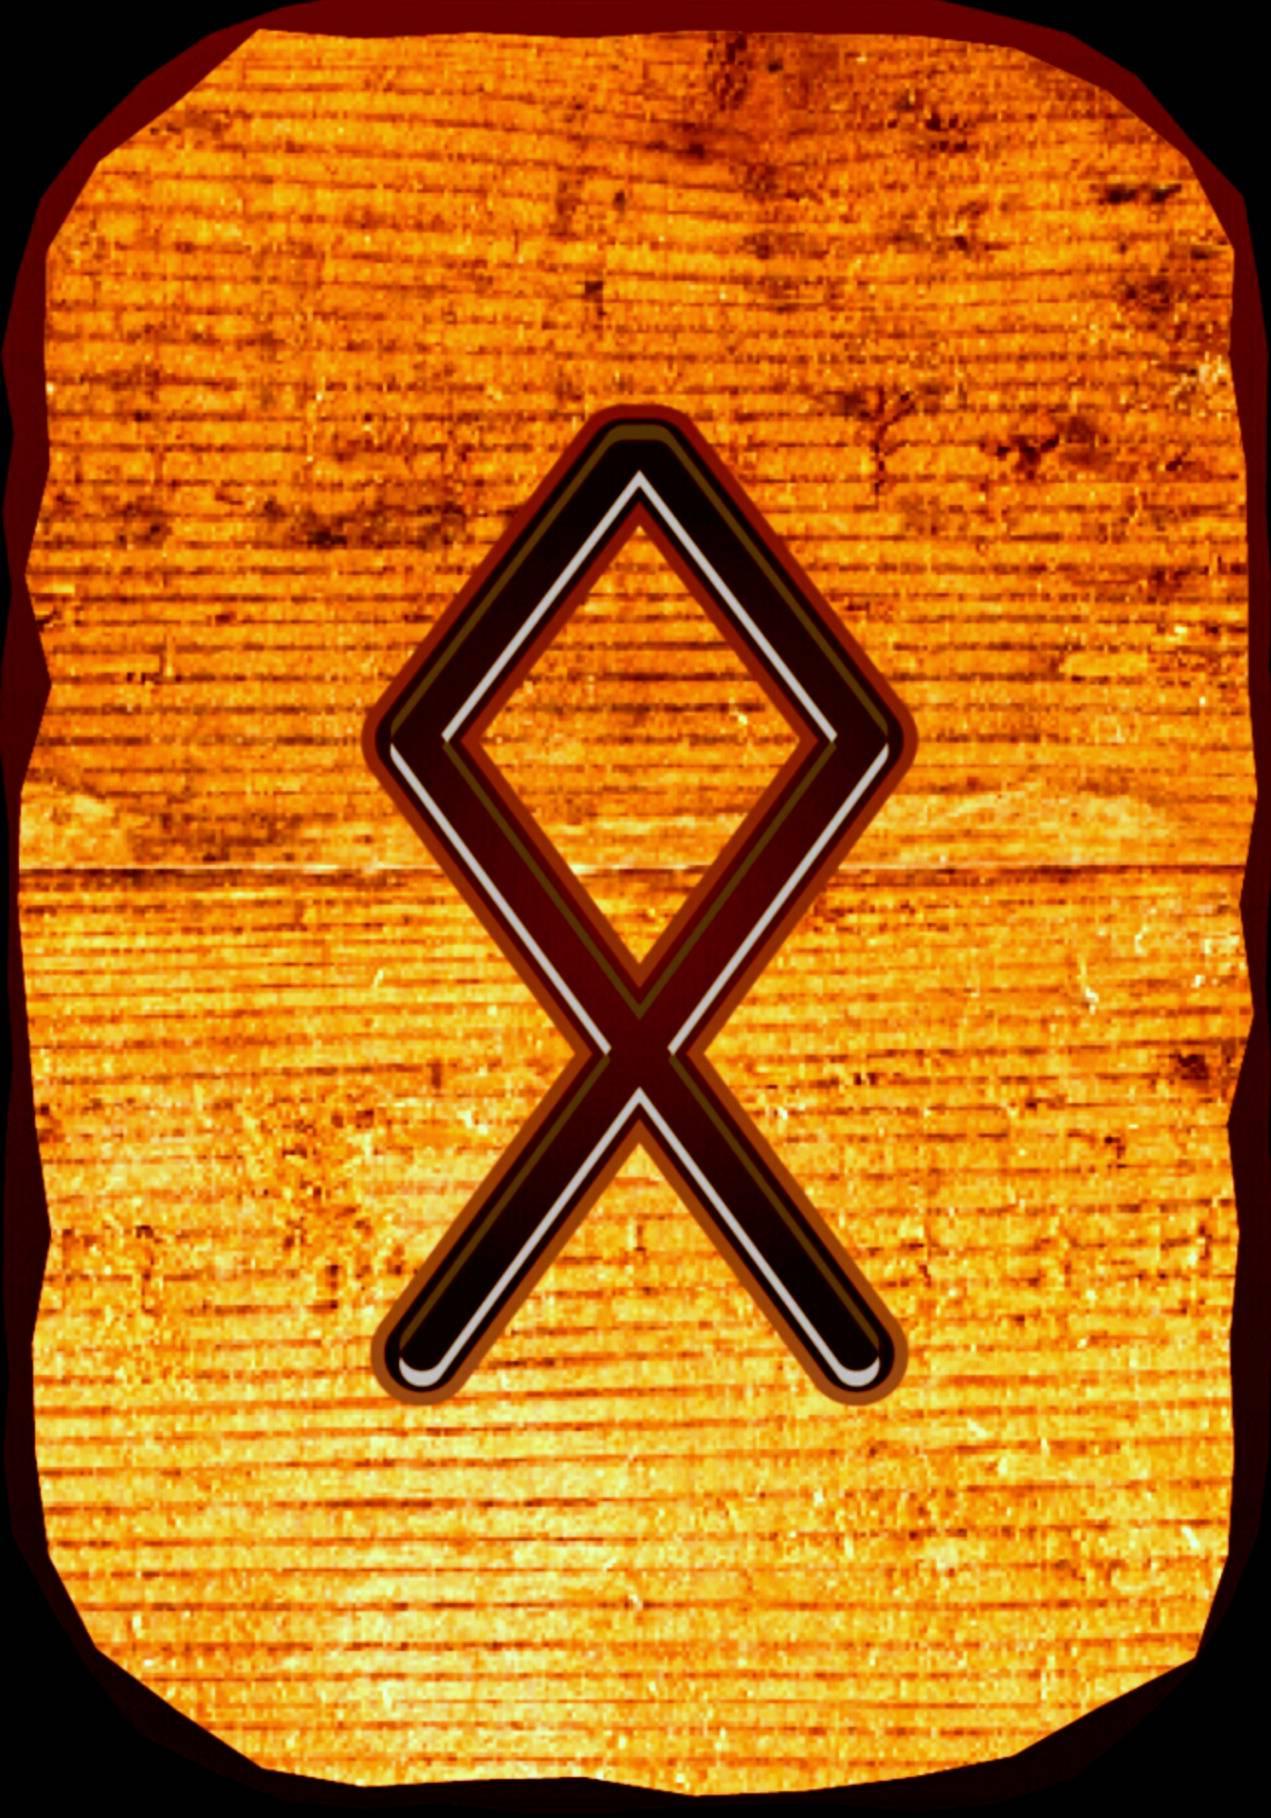 Руна хагалаз - описание и значение (к. сельченок)